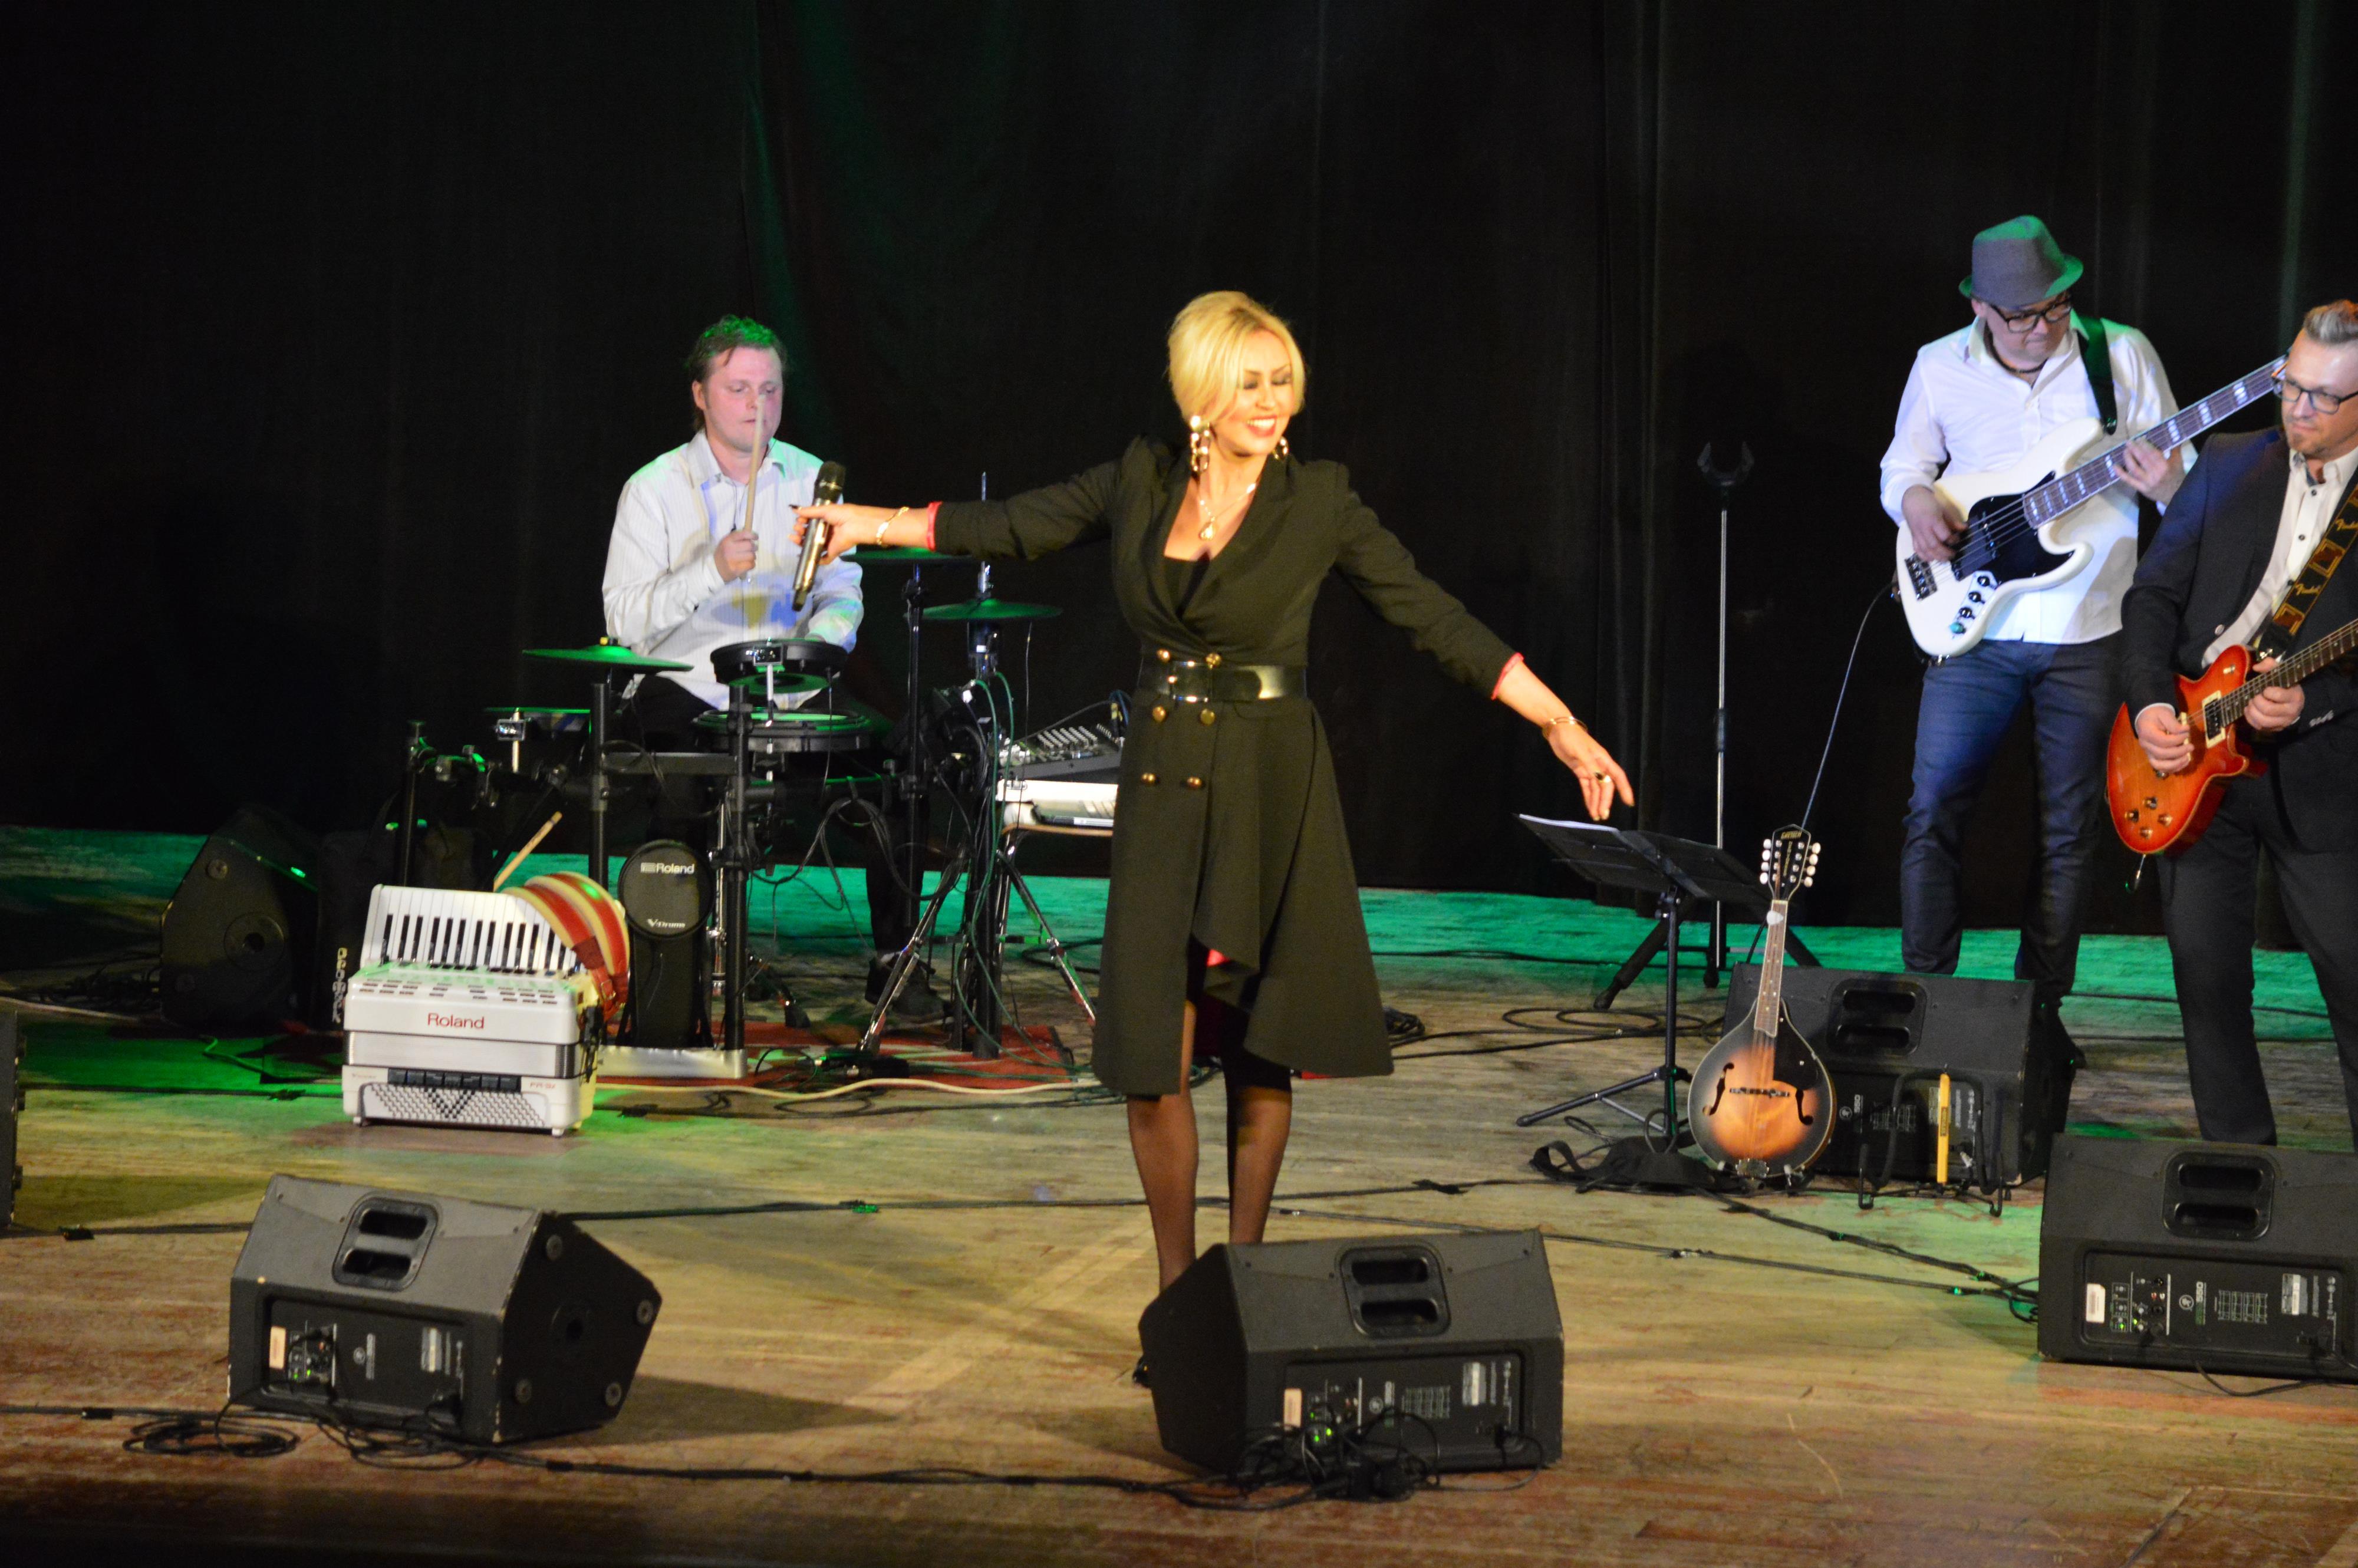 Koncert Teresy Werner urzekła andrychowską publiczność [FOTO]